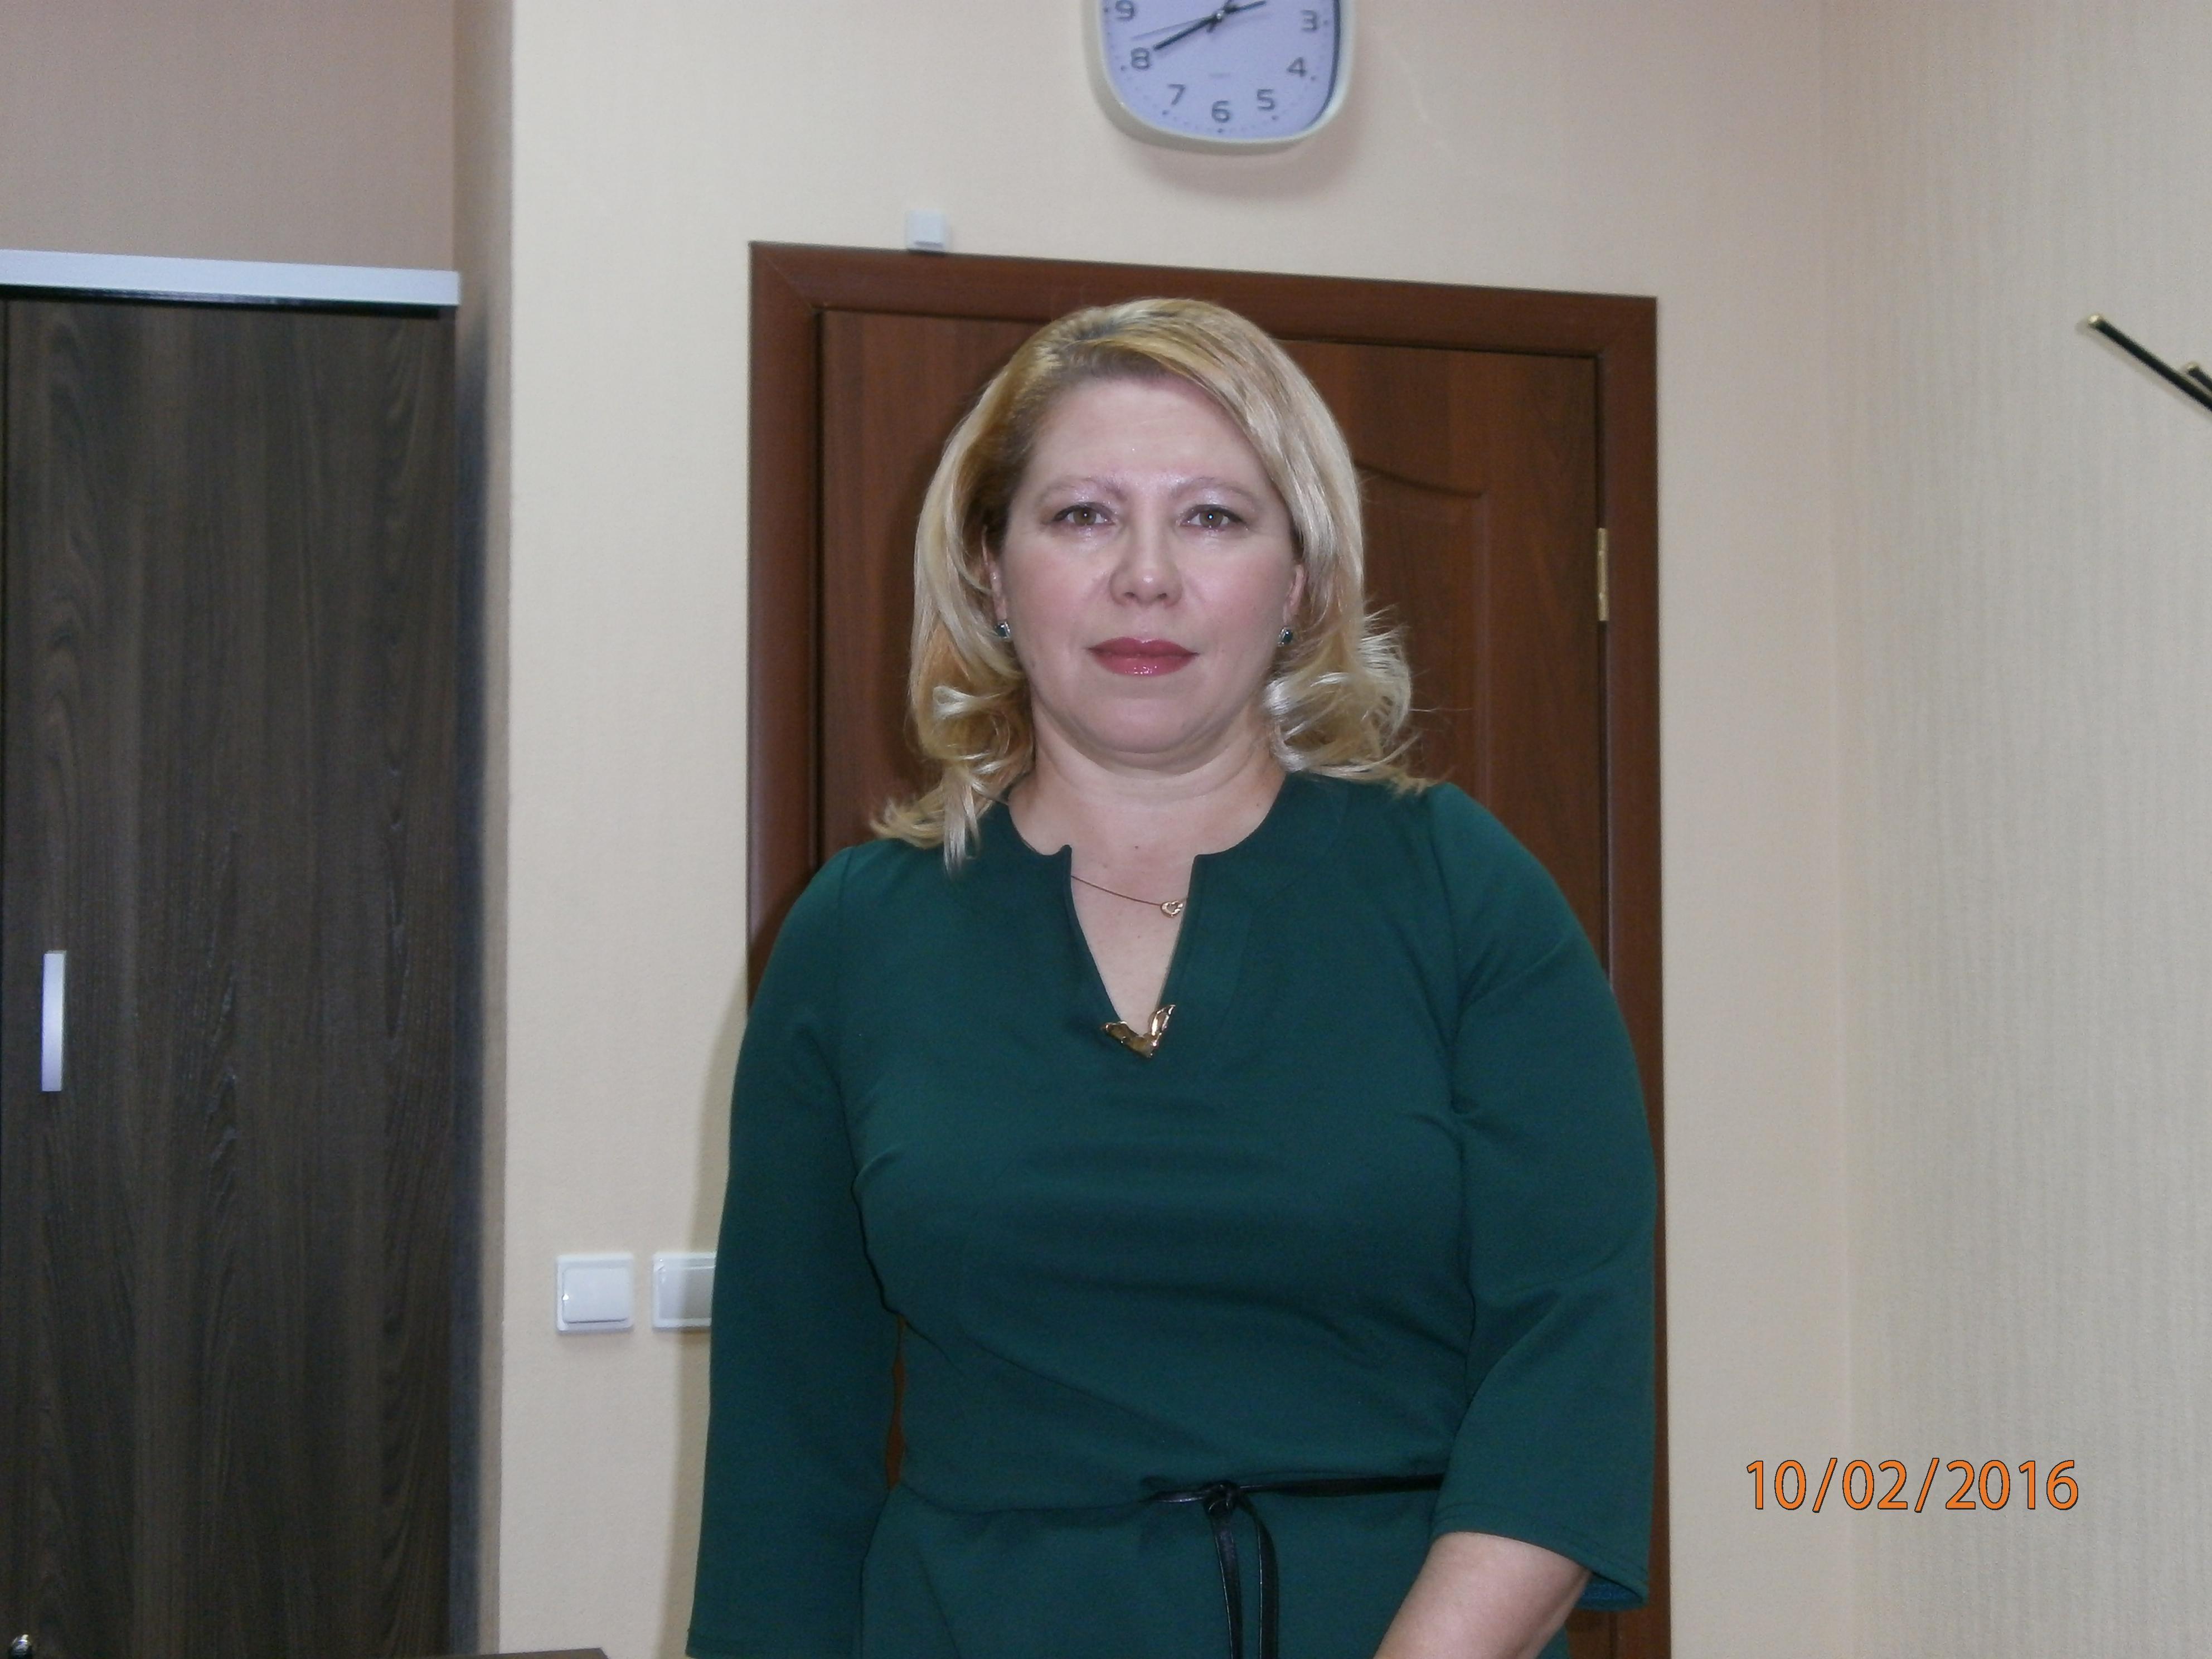 user1223, наталья, 46, Усть-Кулом